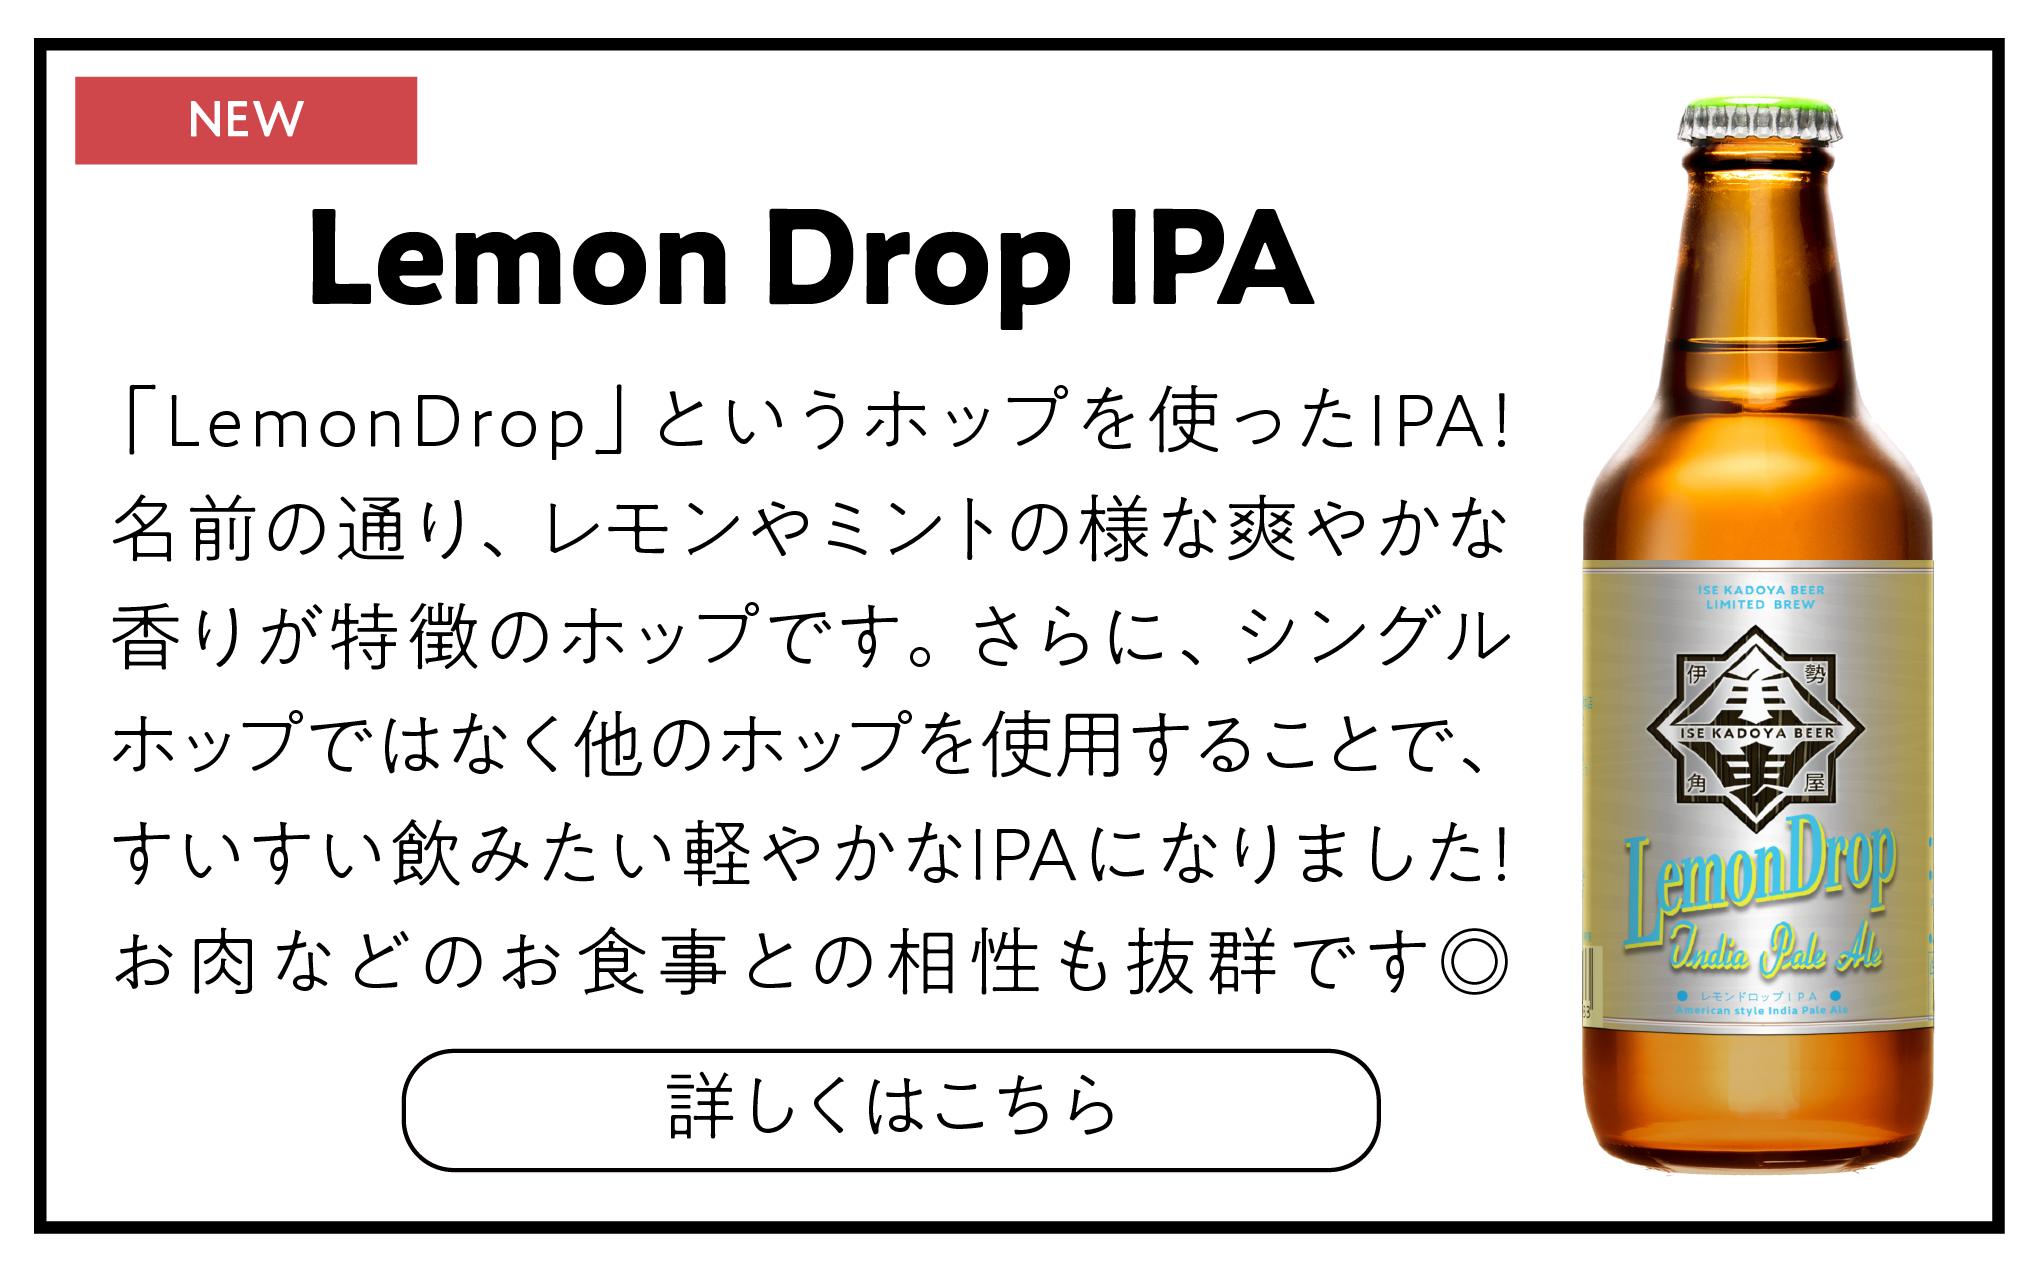 lemondropというホップを使ったIPA。名前の通り、レモンやミントの様な香りが特徴のホップです。さらに、シングルホップではなく他のホップを使用することで、すいすい飲みたい軽やかなIPAになりました。お肉などのお食事との相性も抜群です。